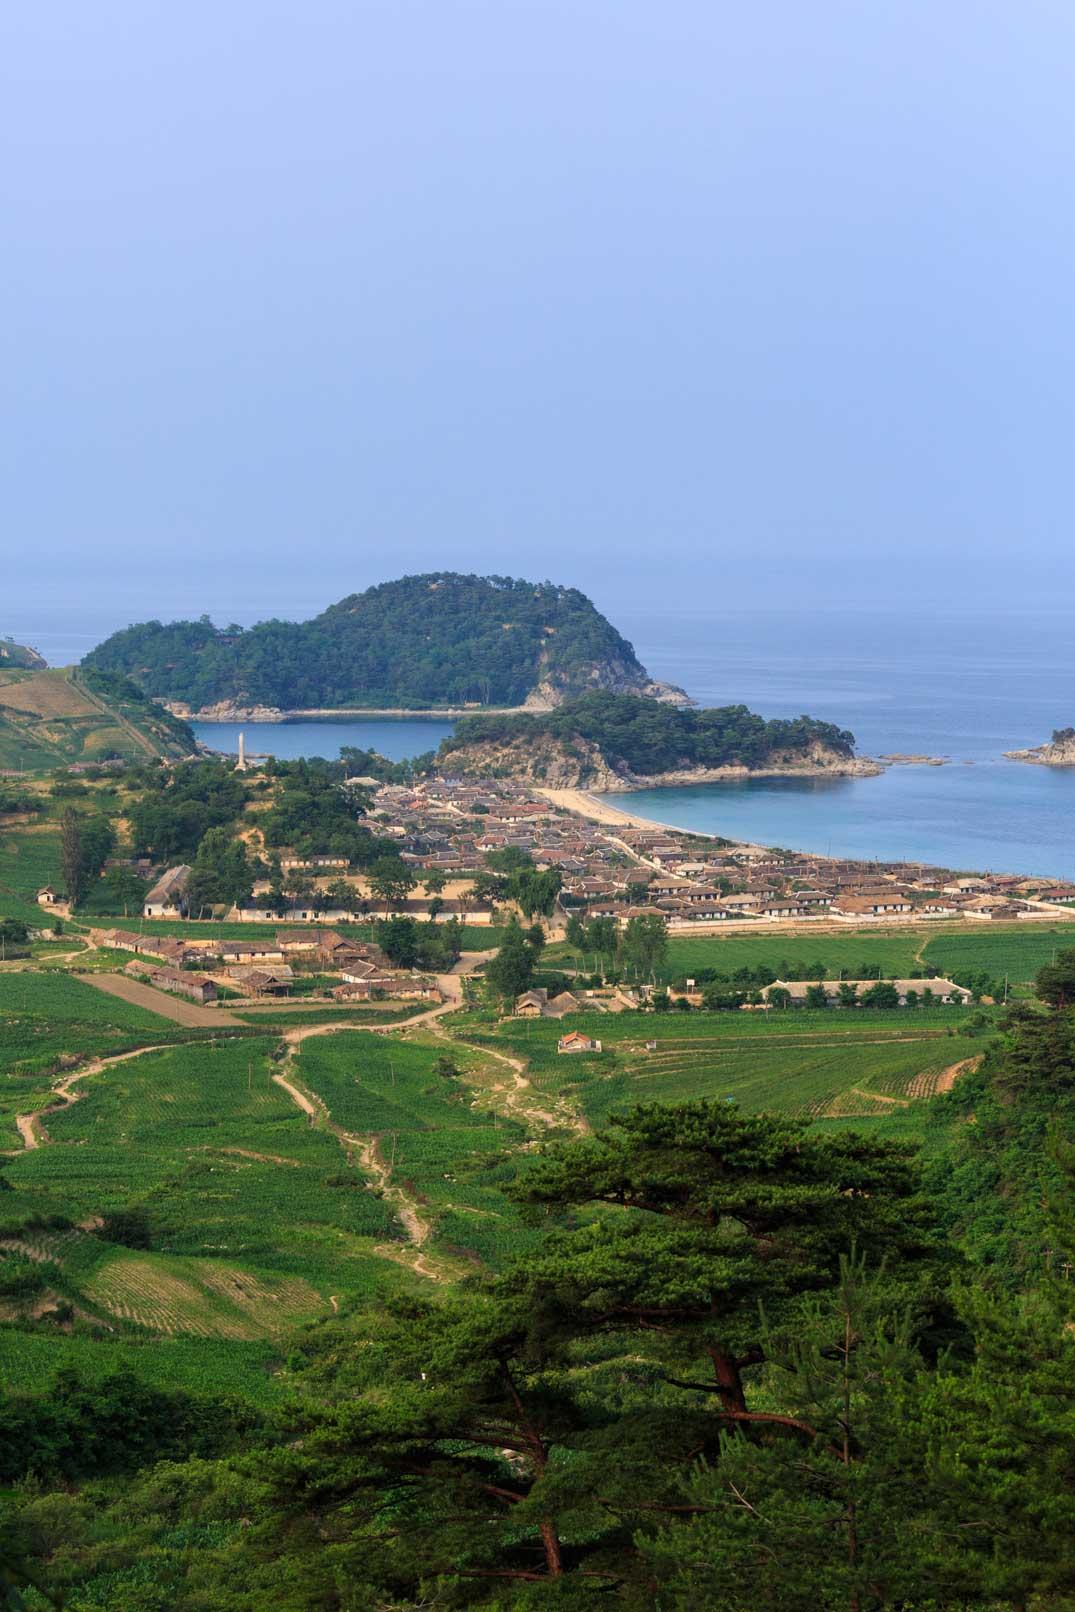 ようやく撮らせてくれた朝鮮の漁村の遠景ショット_b0235153_1755435.jpg